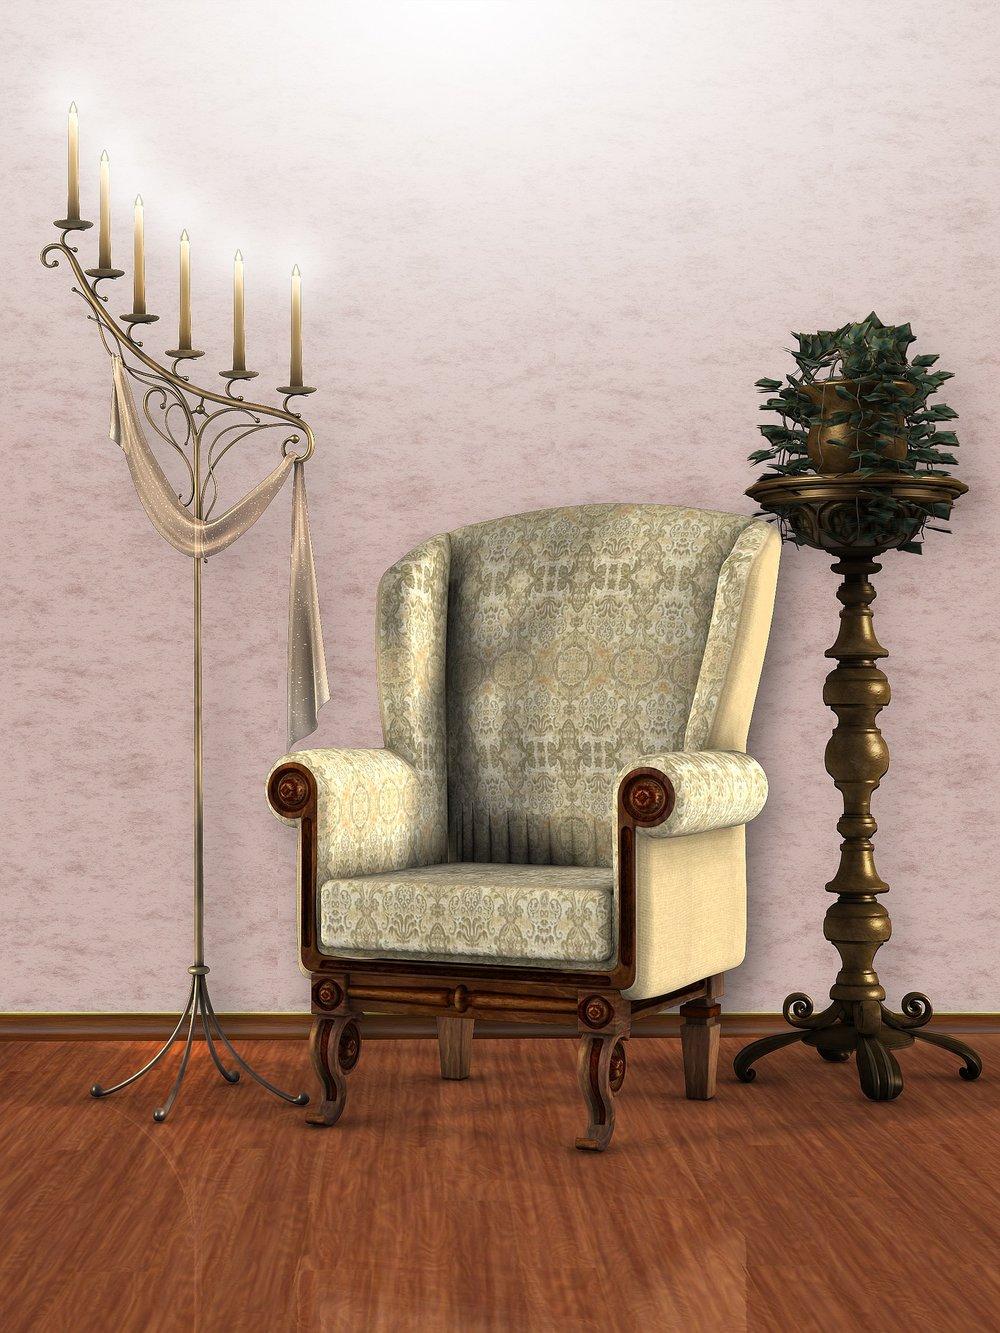 interior-1636153_1920.jpg